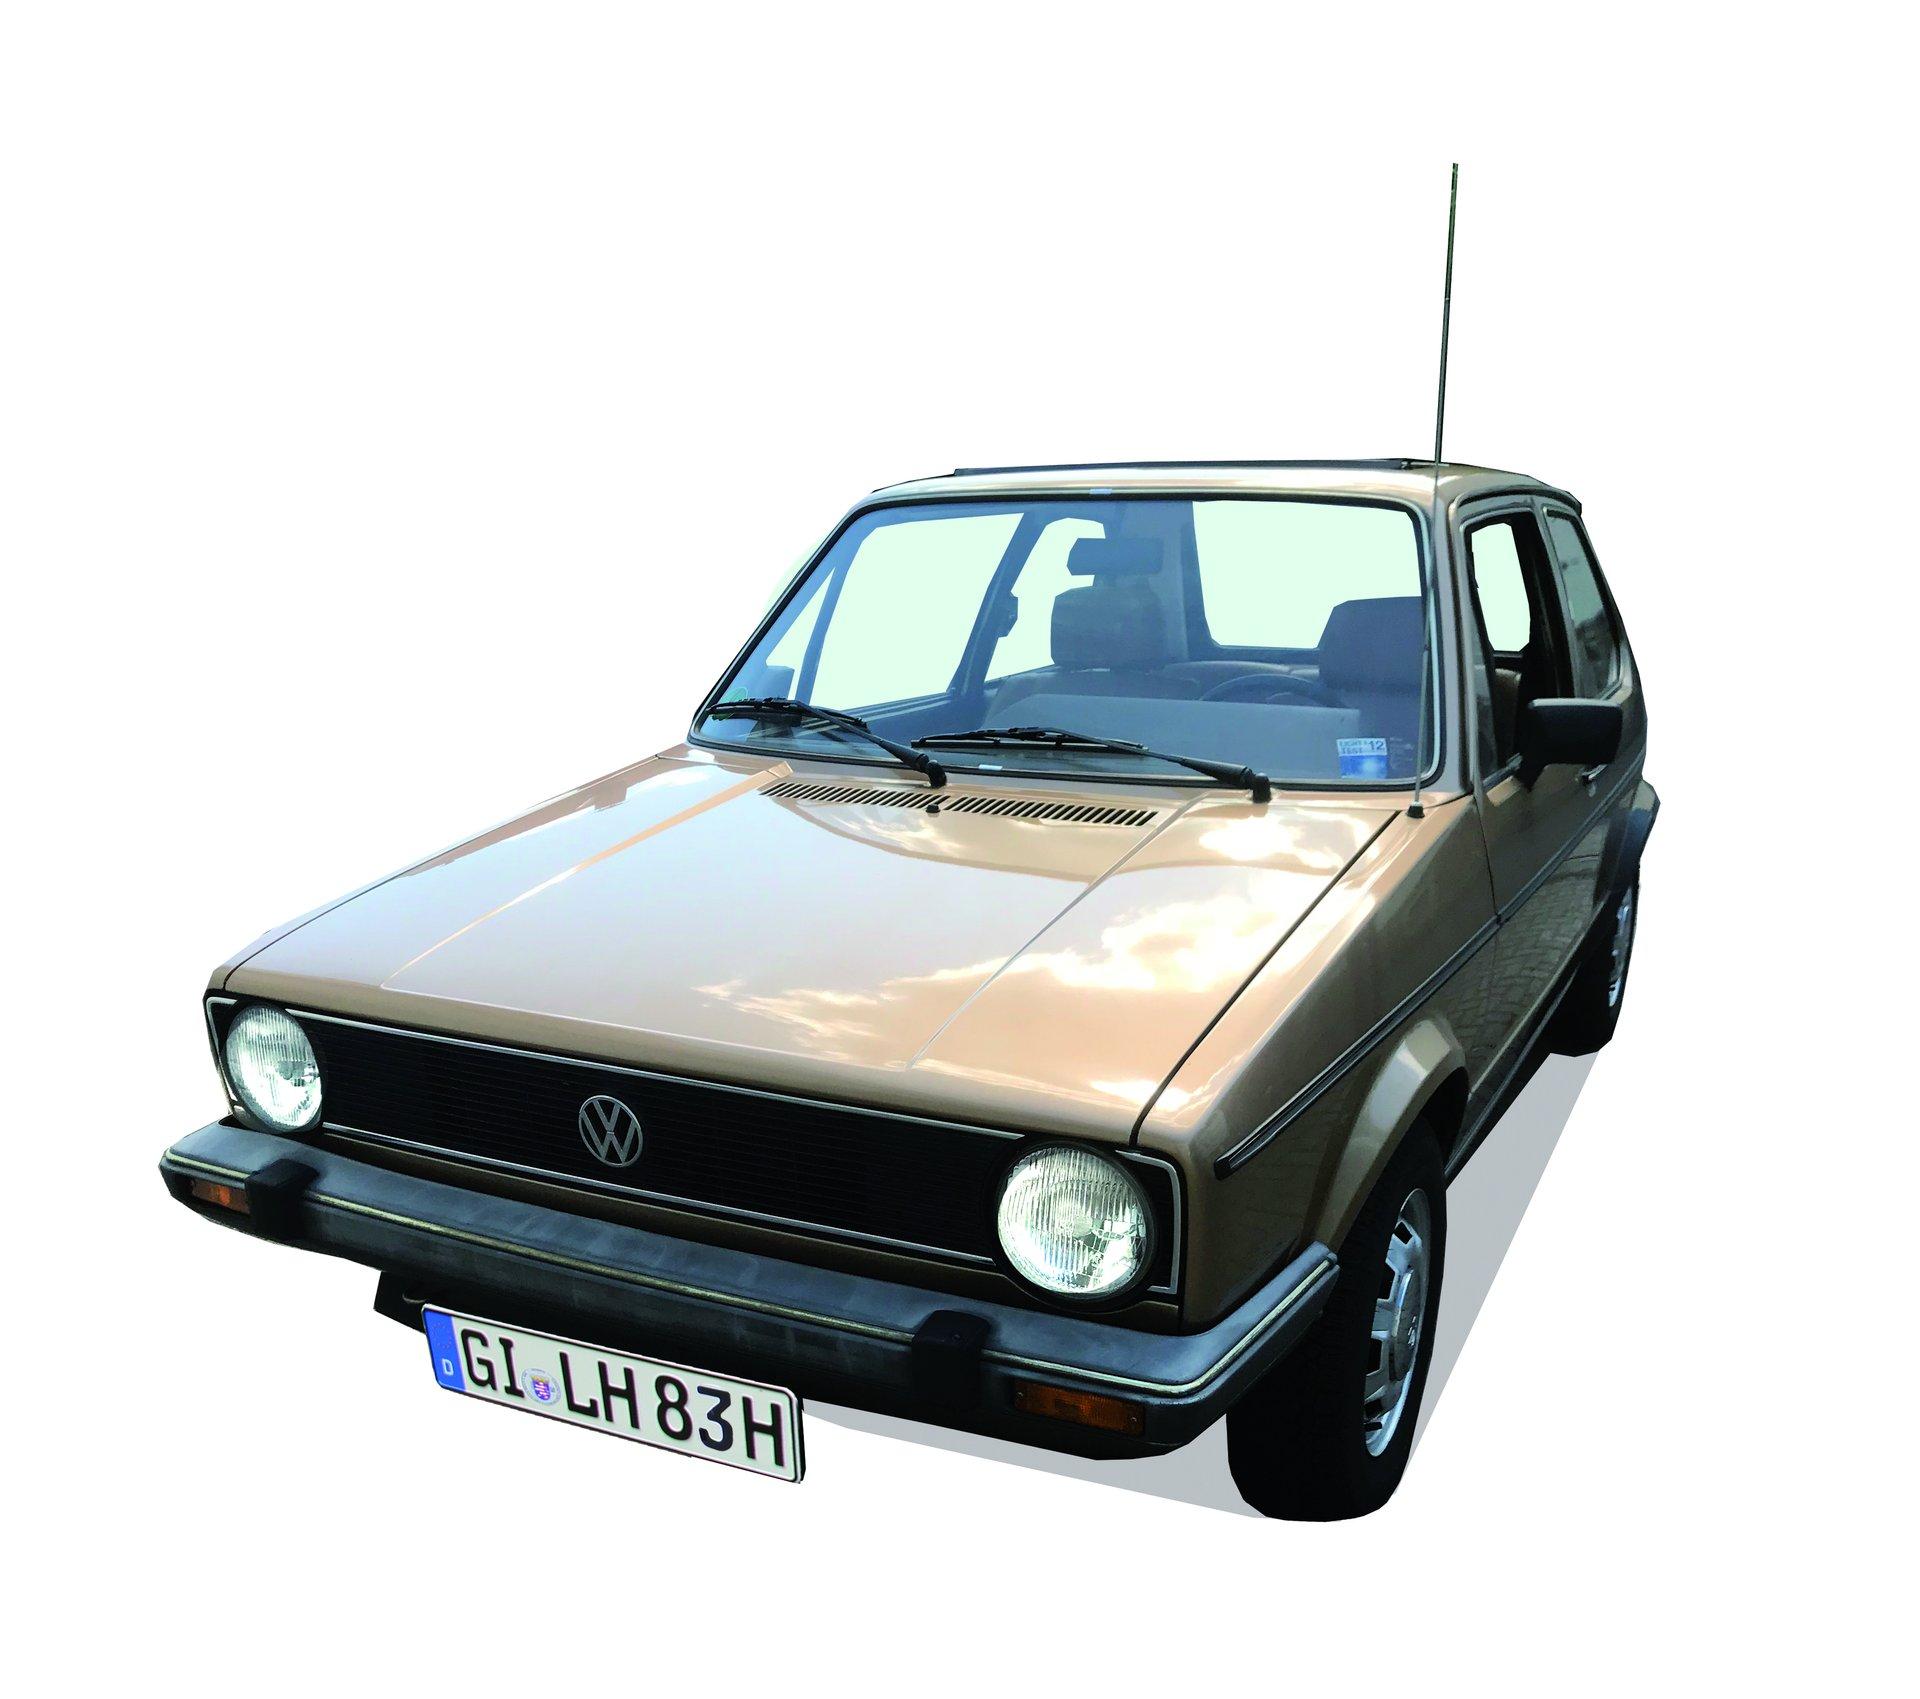 Selten sind sie geworden, originale VW Golf I im guten Zustand